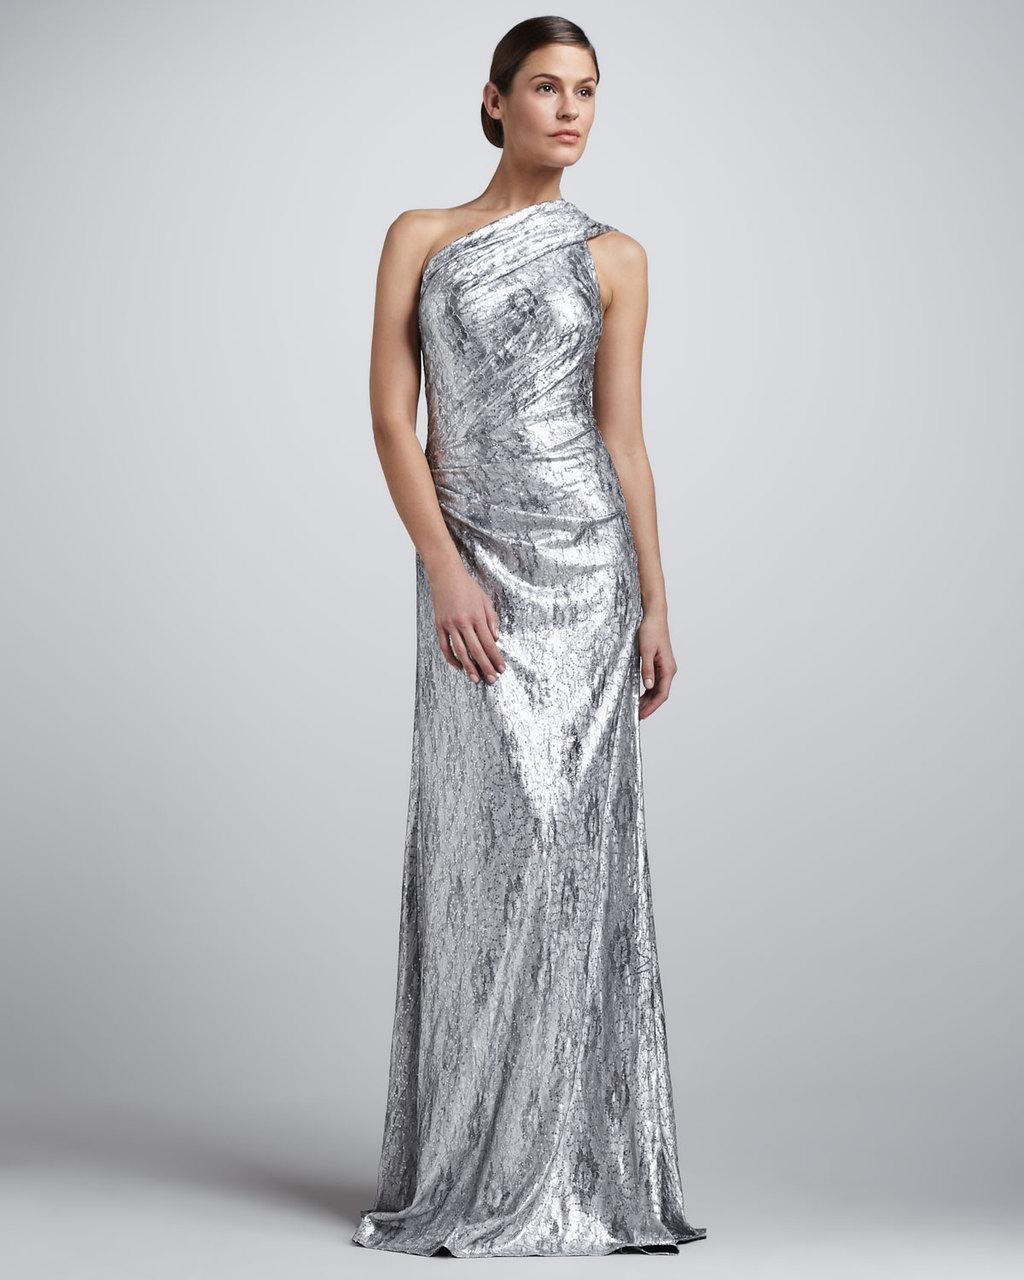 e44089237fec Metallic wedding guest dresses silver one shoulder